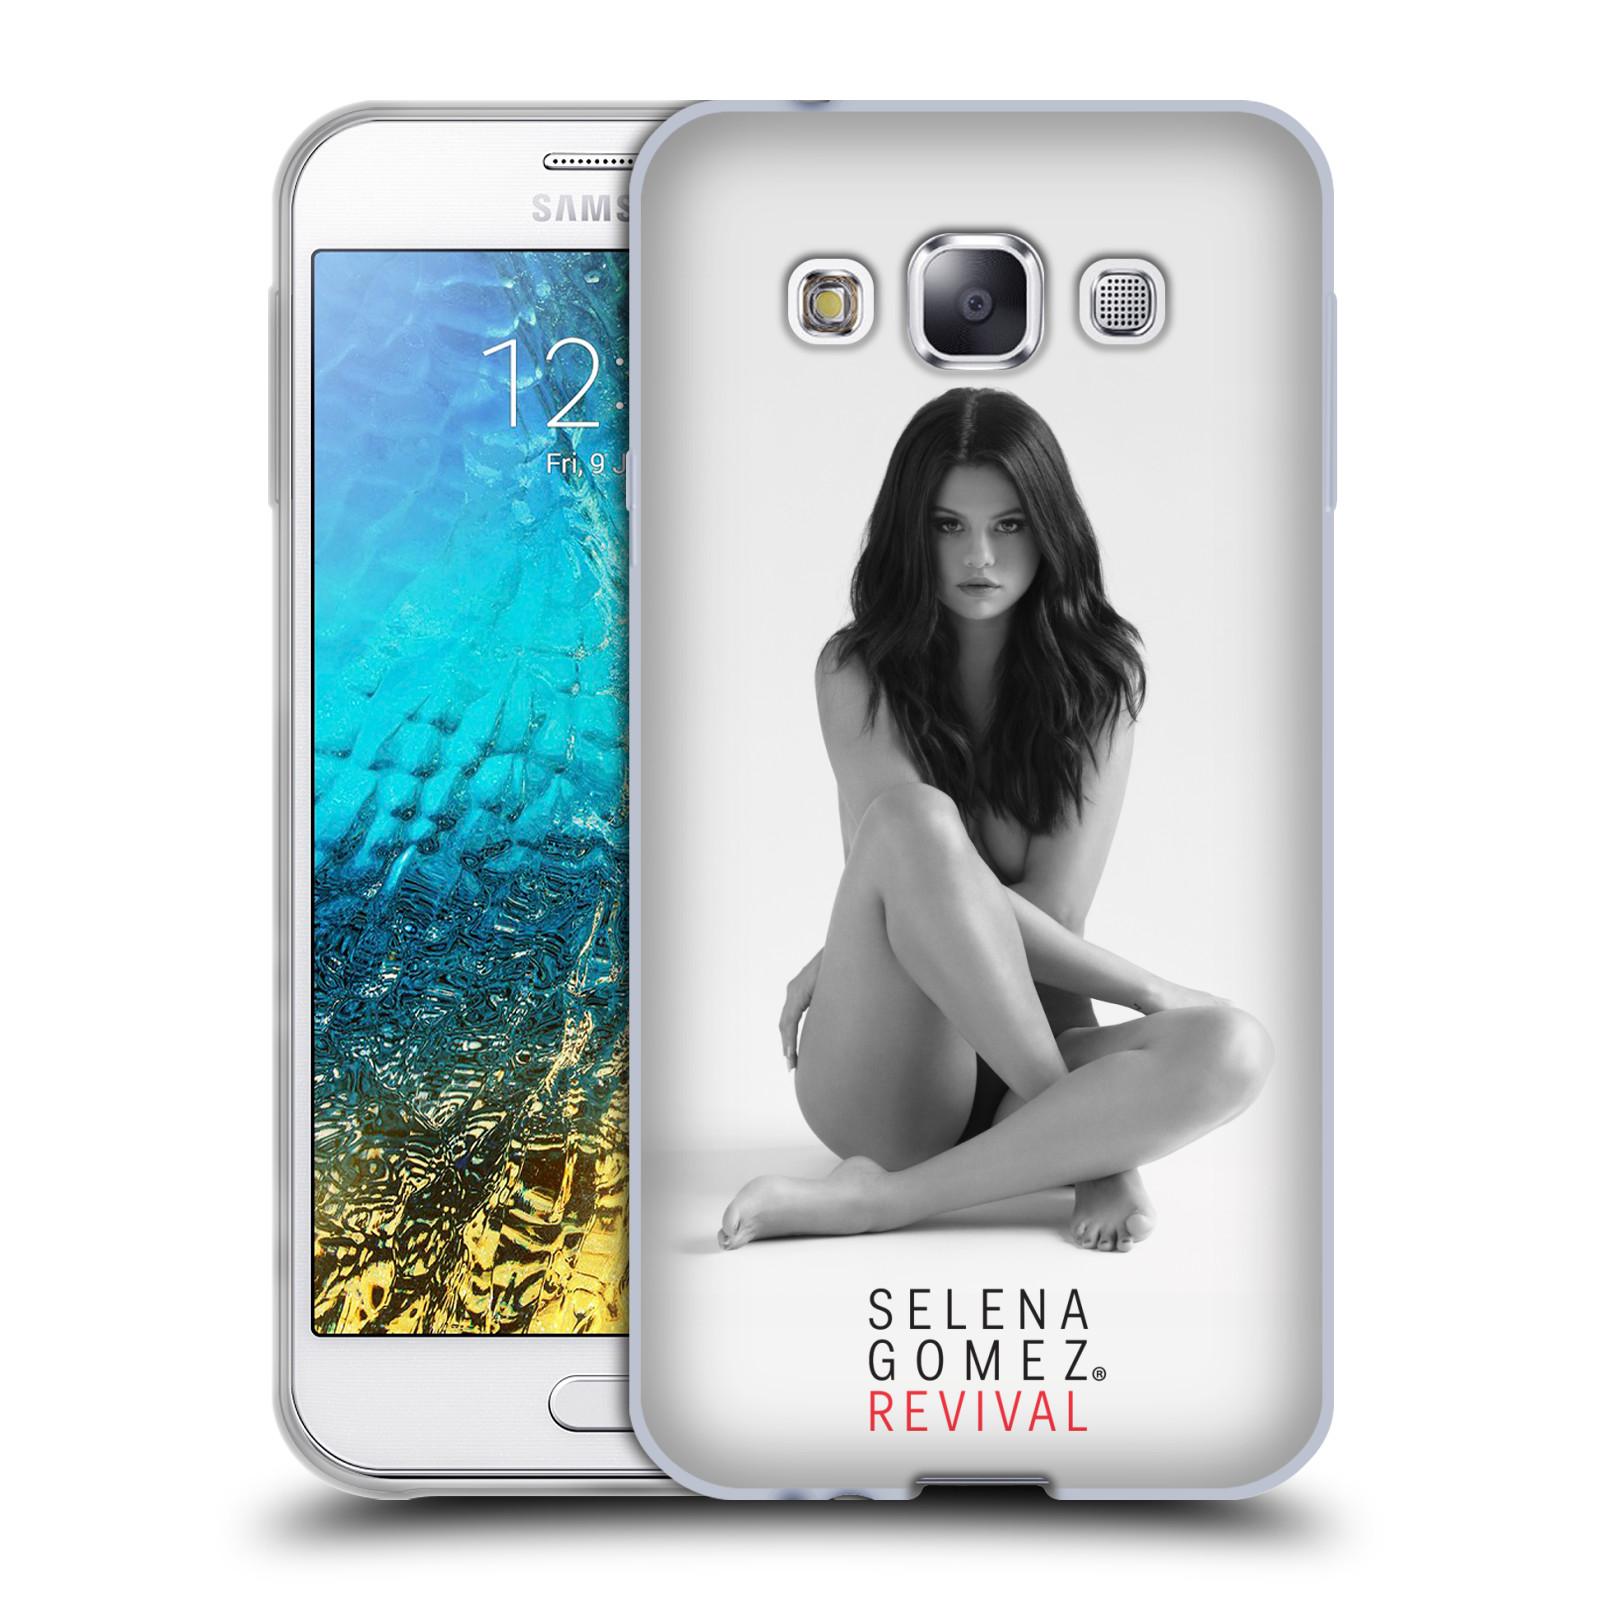 HEAD CASE silikonový obal na mobil Samsung Galaxy E5 Zpěvačka Selena Gomez foto Revival